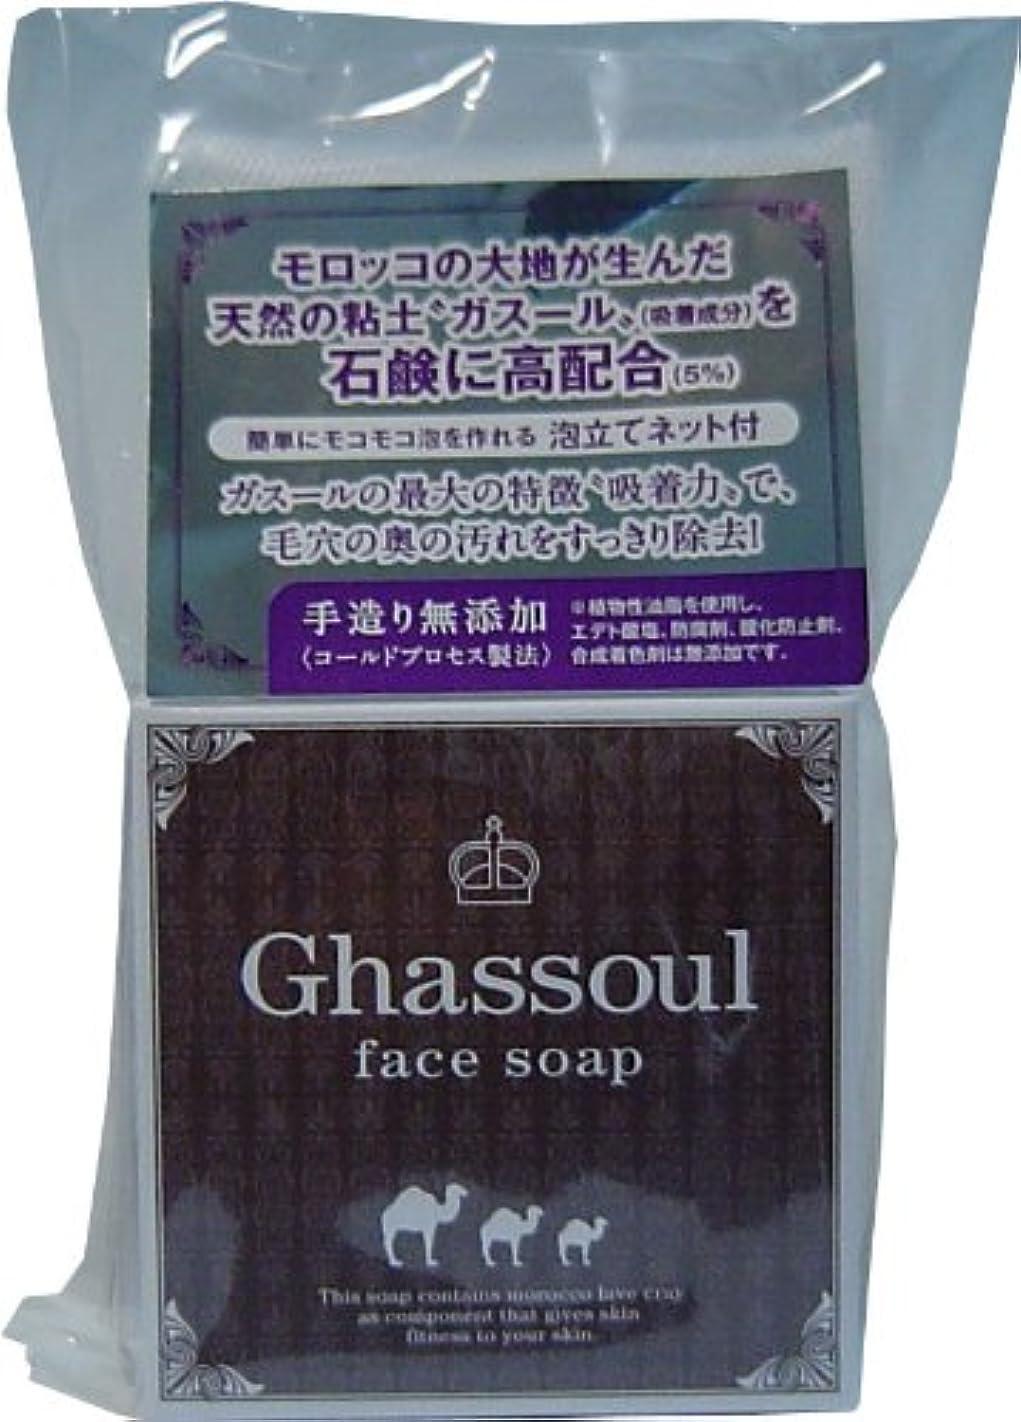 同意する不明瞭損なうGhassoul face soap ガスールフェイスソープ 100g【2個セット】